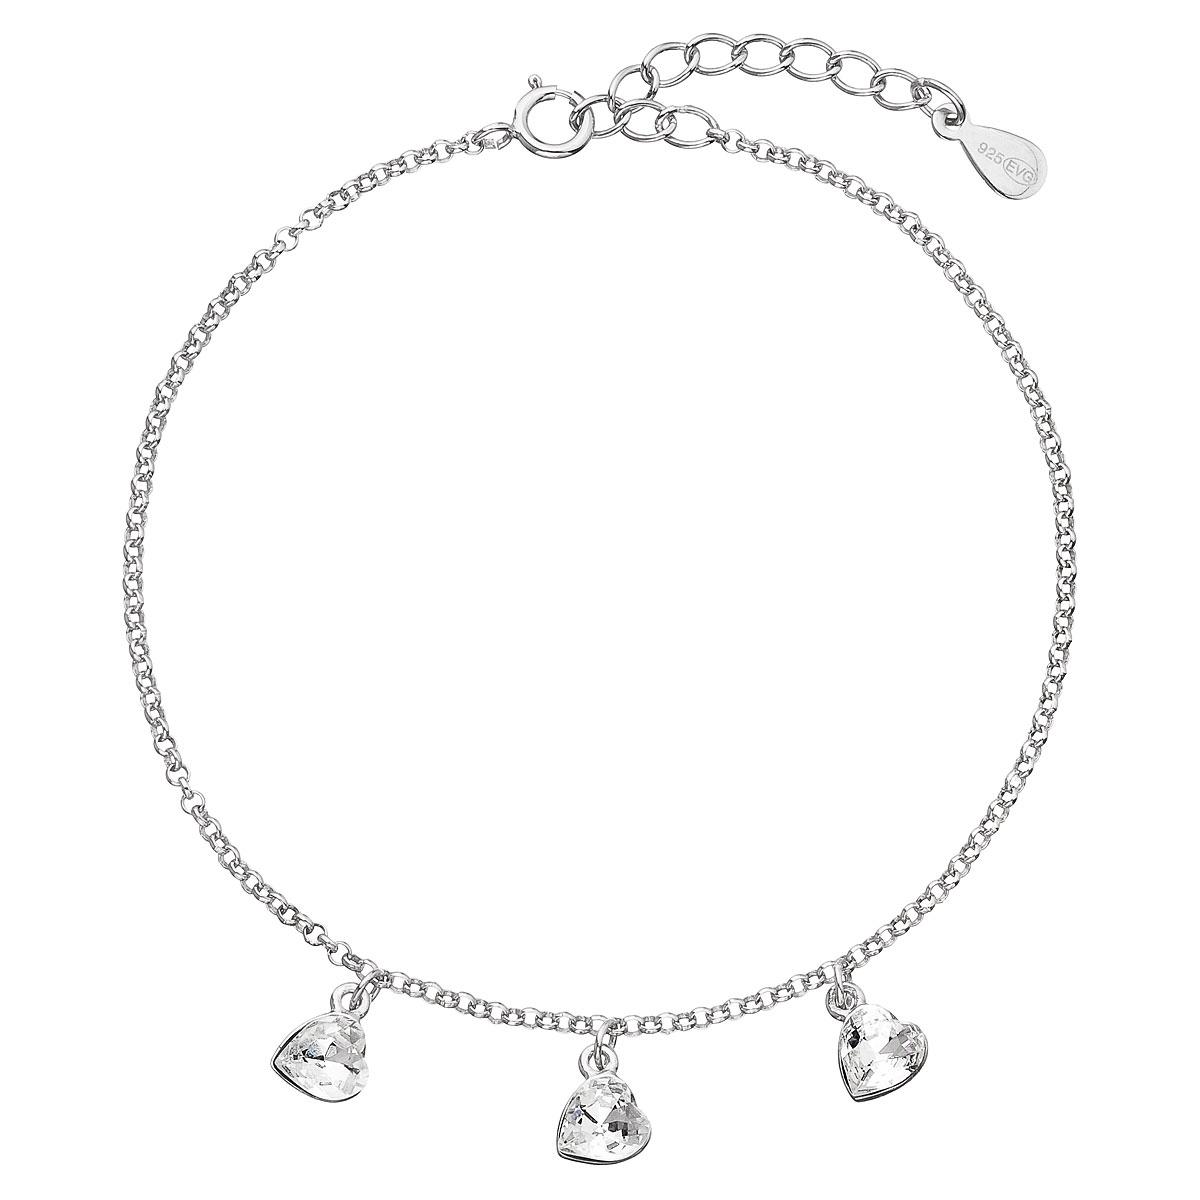 Strieborný náramok so Swarovski krištáľmi biele srdce 33108.1